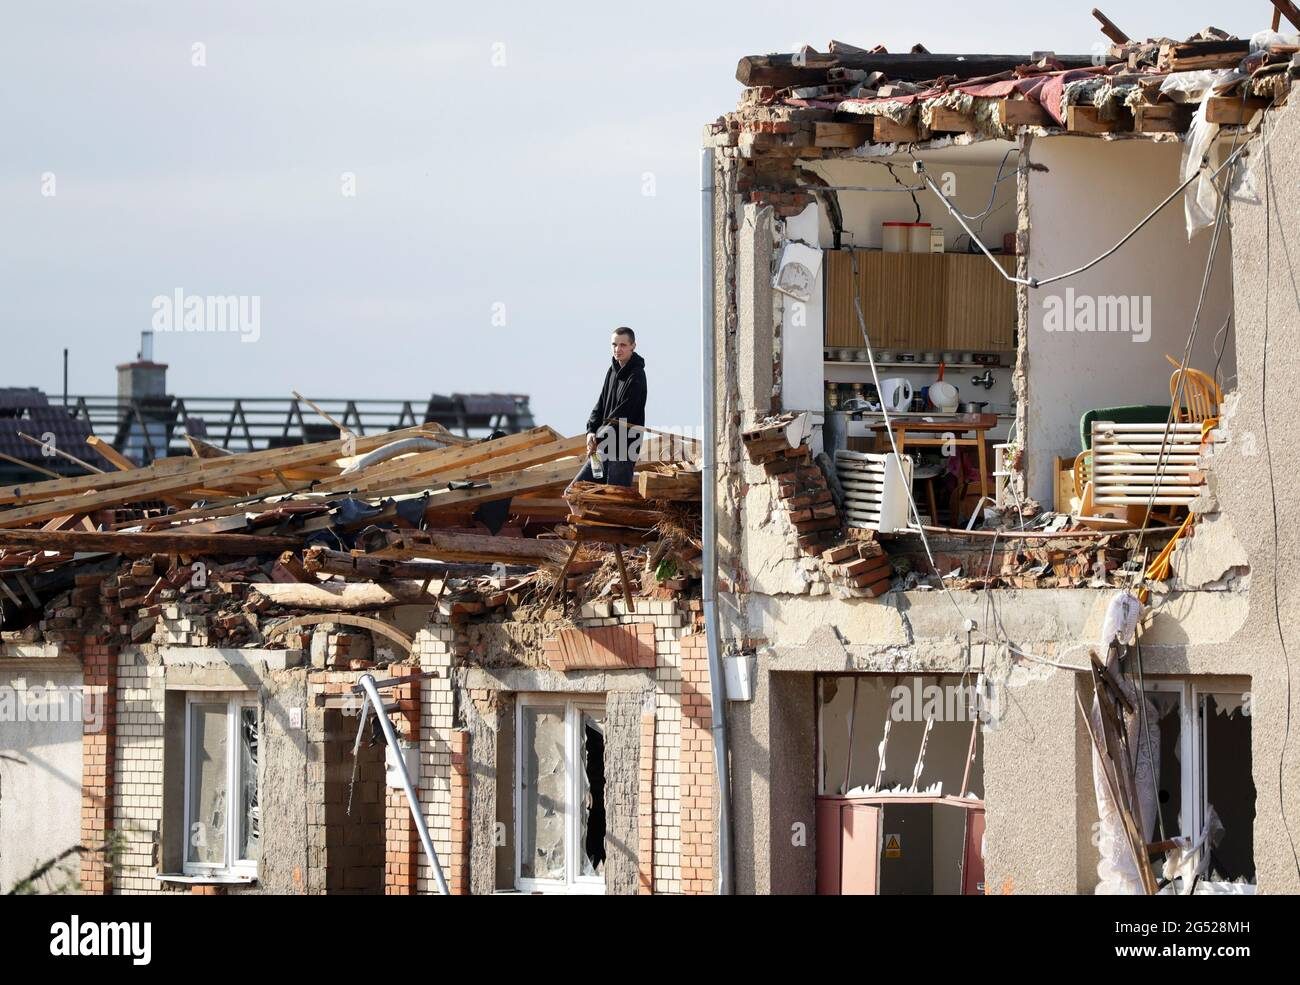 Ein Mann steht in einem beschädigten Haus nach einem seltenen Tornado, der Teile einiger Städte im Dorf Mikulcice, Tschechische Republik, am 25. Juni 2021 getroffen und zerstört hat. REUTERS/David W. Cerny Stockfoto